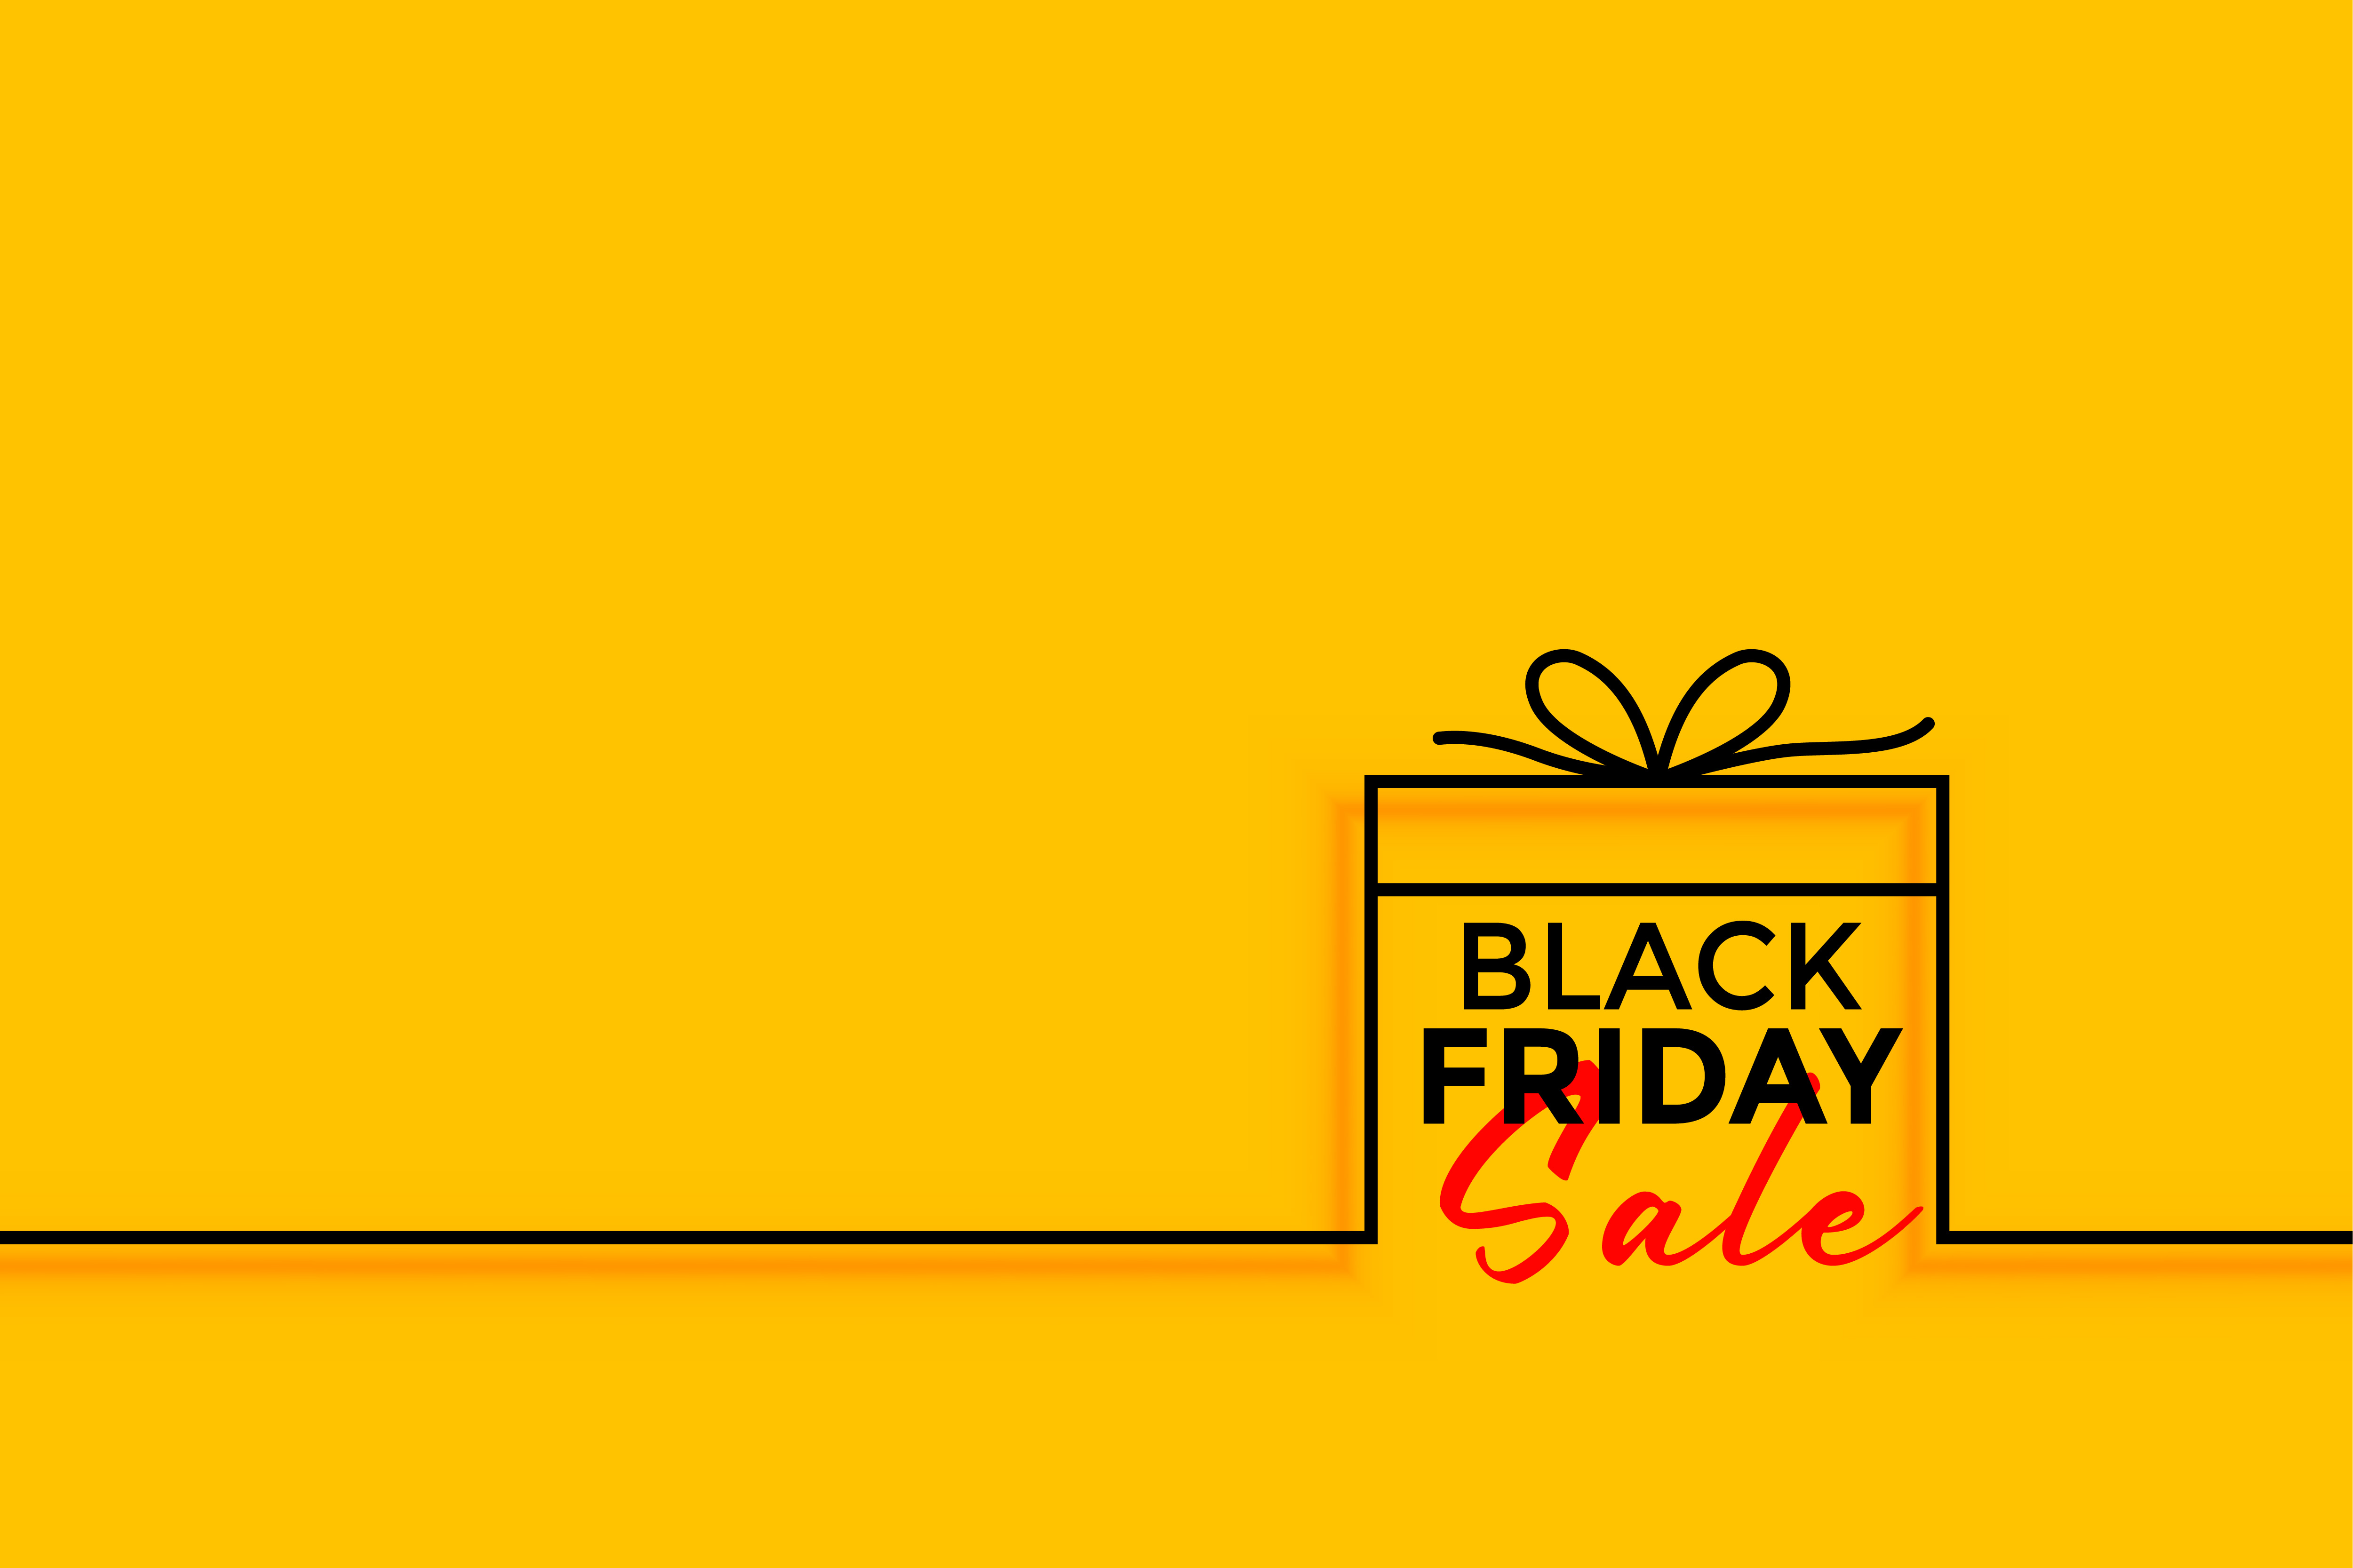 fabbrica grandi affari sulla moda qualità eccellente black